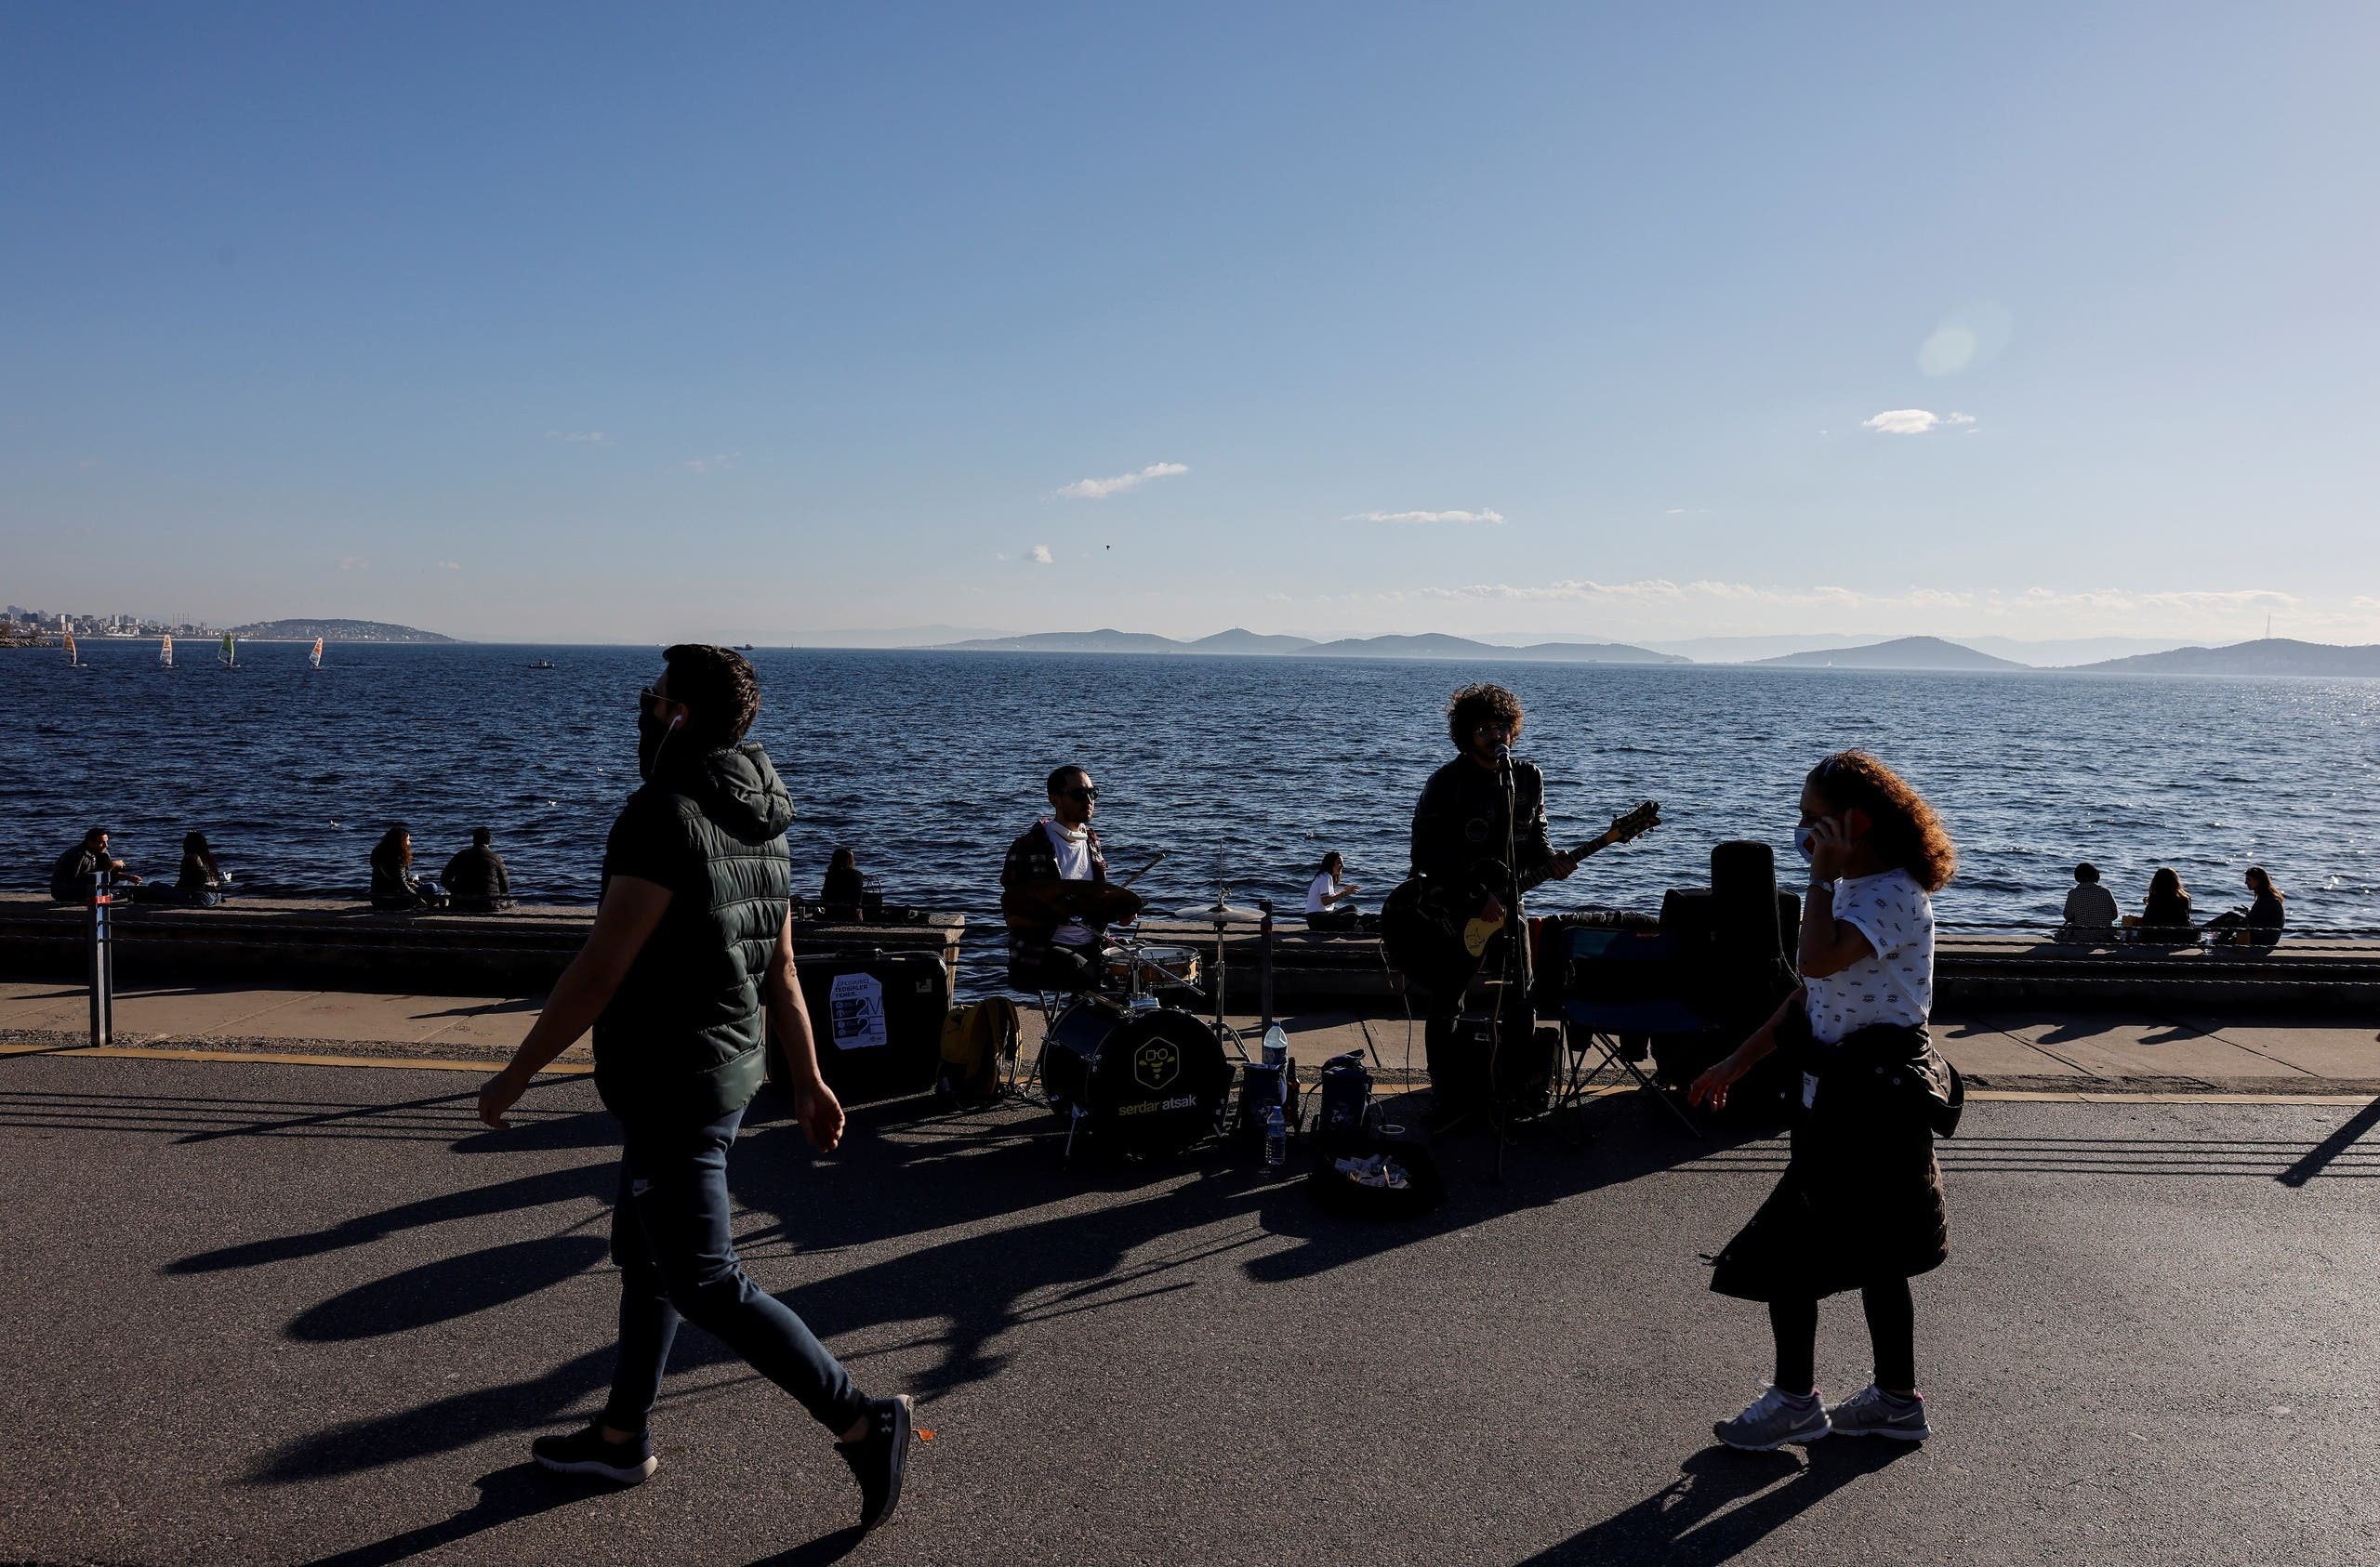 جوانان در استانبول در کنار دریا موسیقی می نوازند